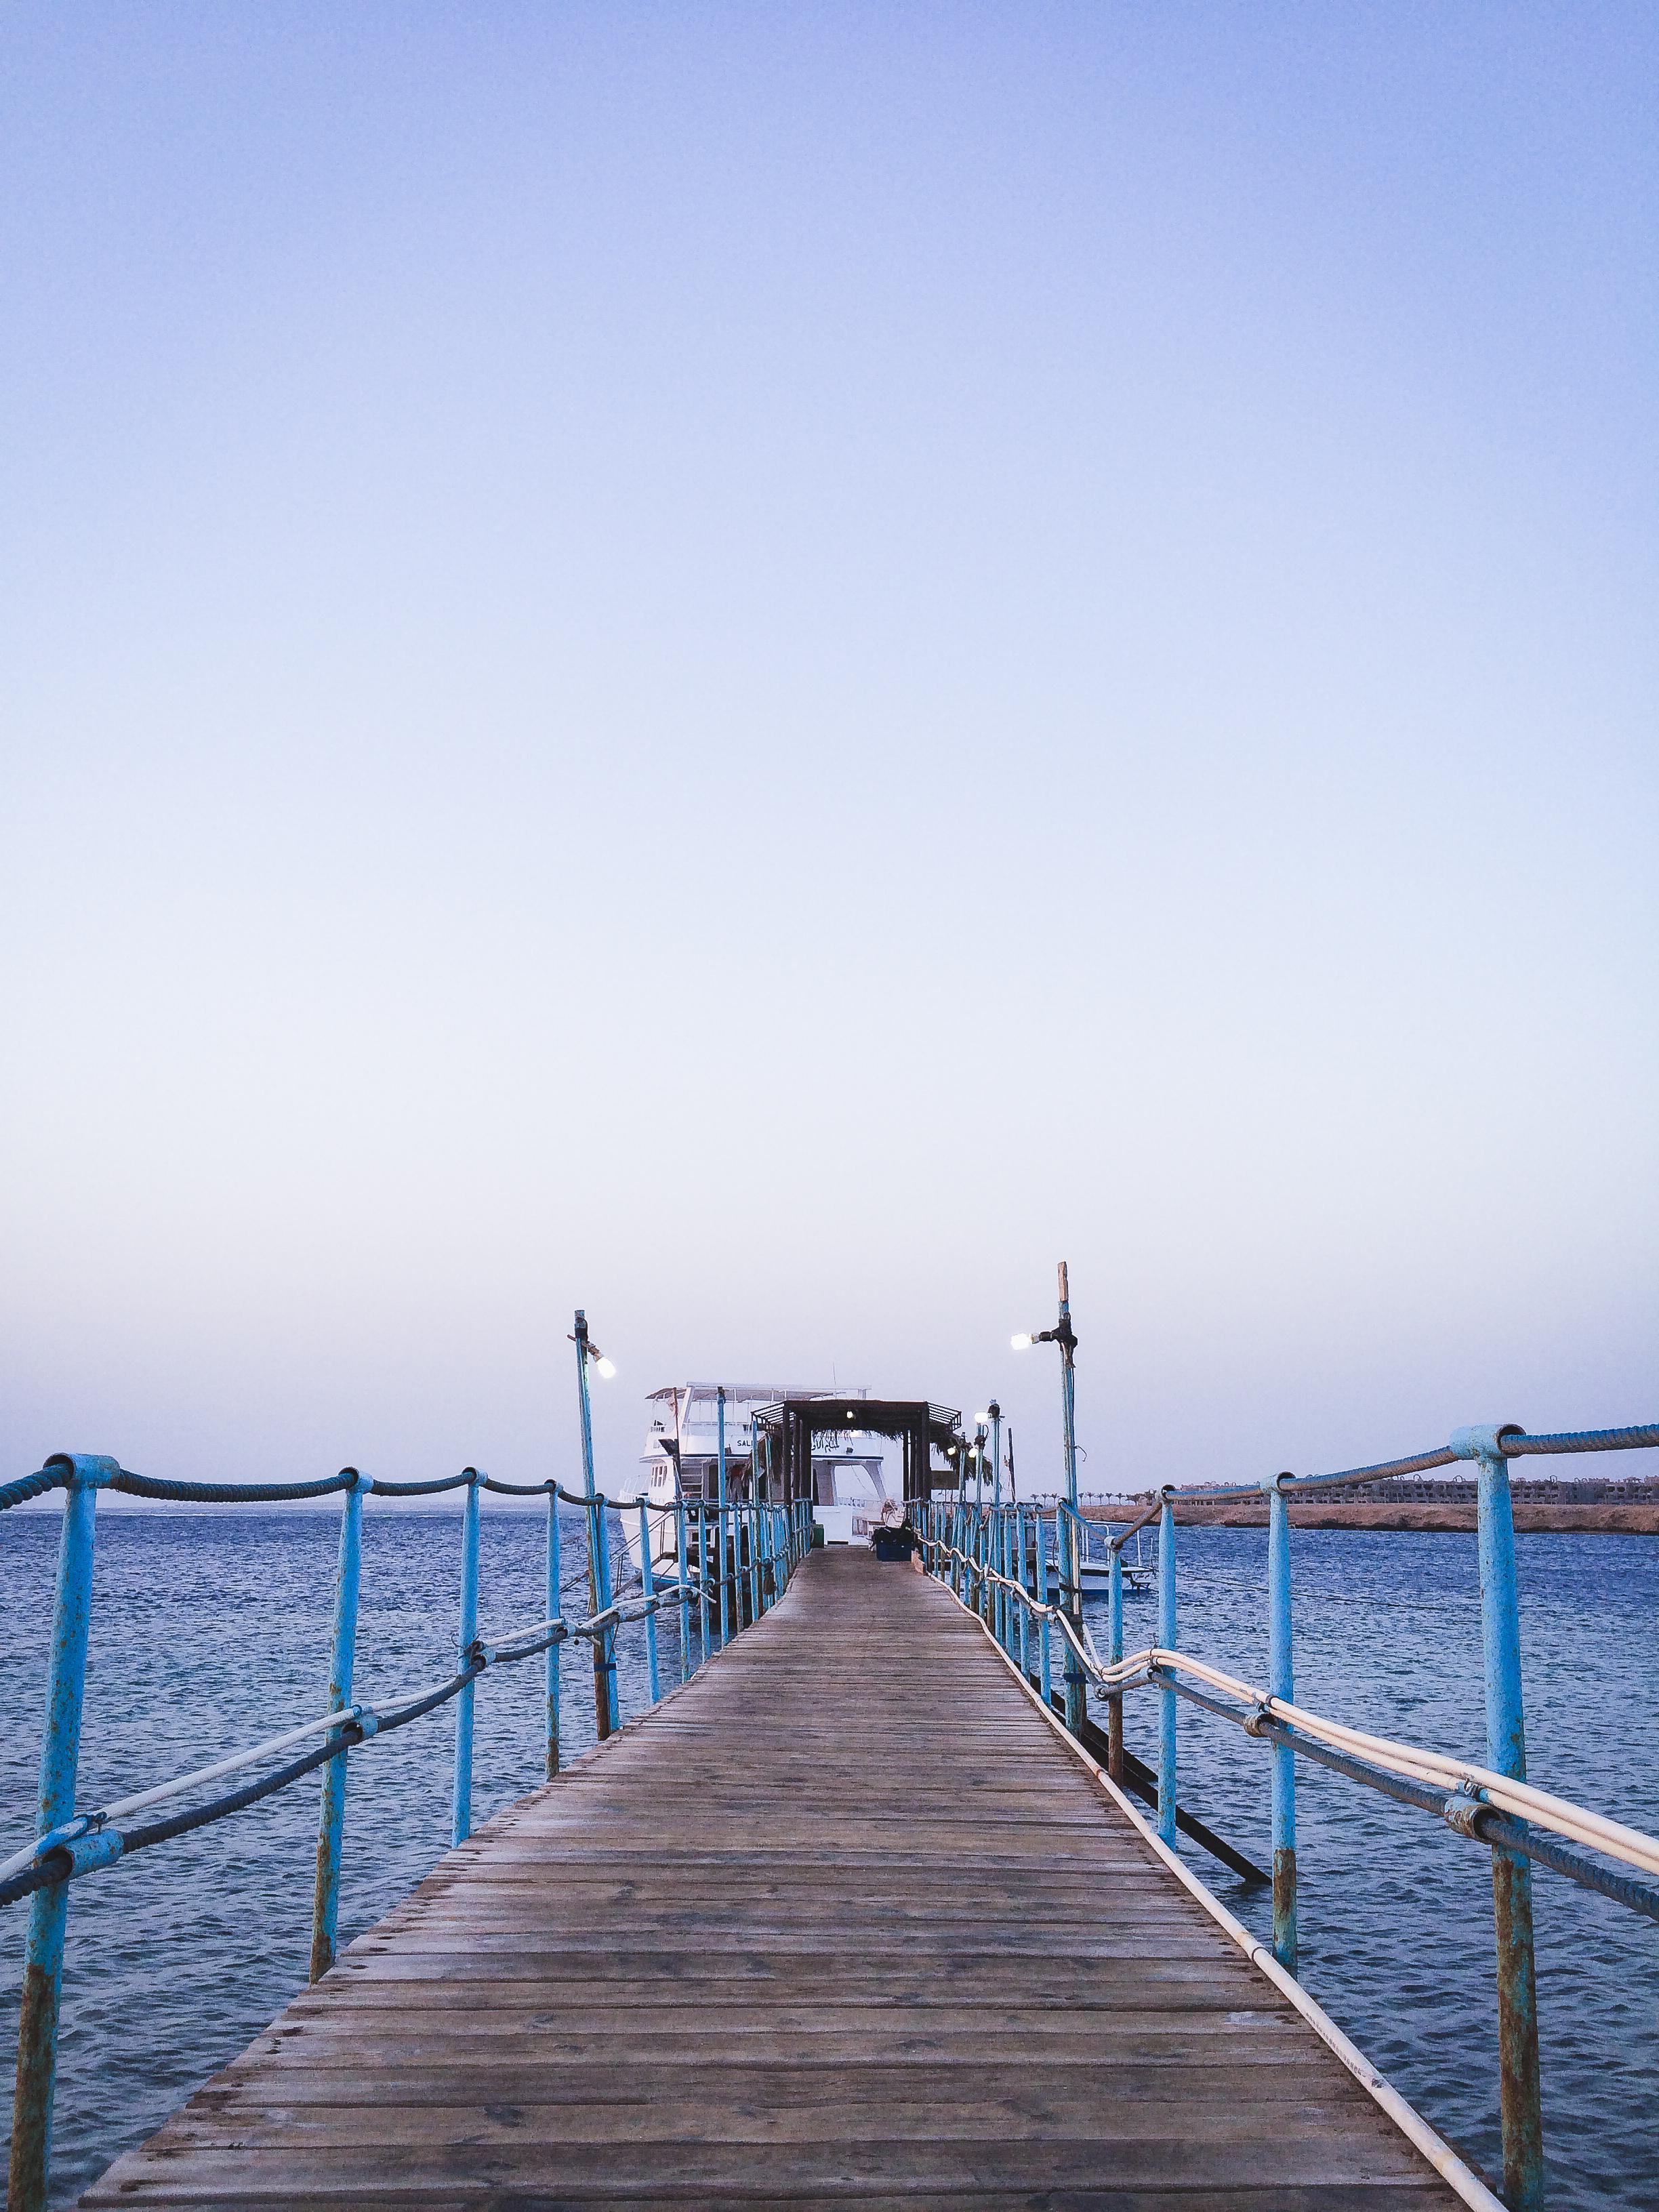 MangroveBay-Ägypten-20140607-08